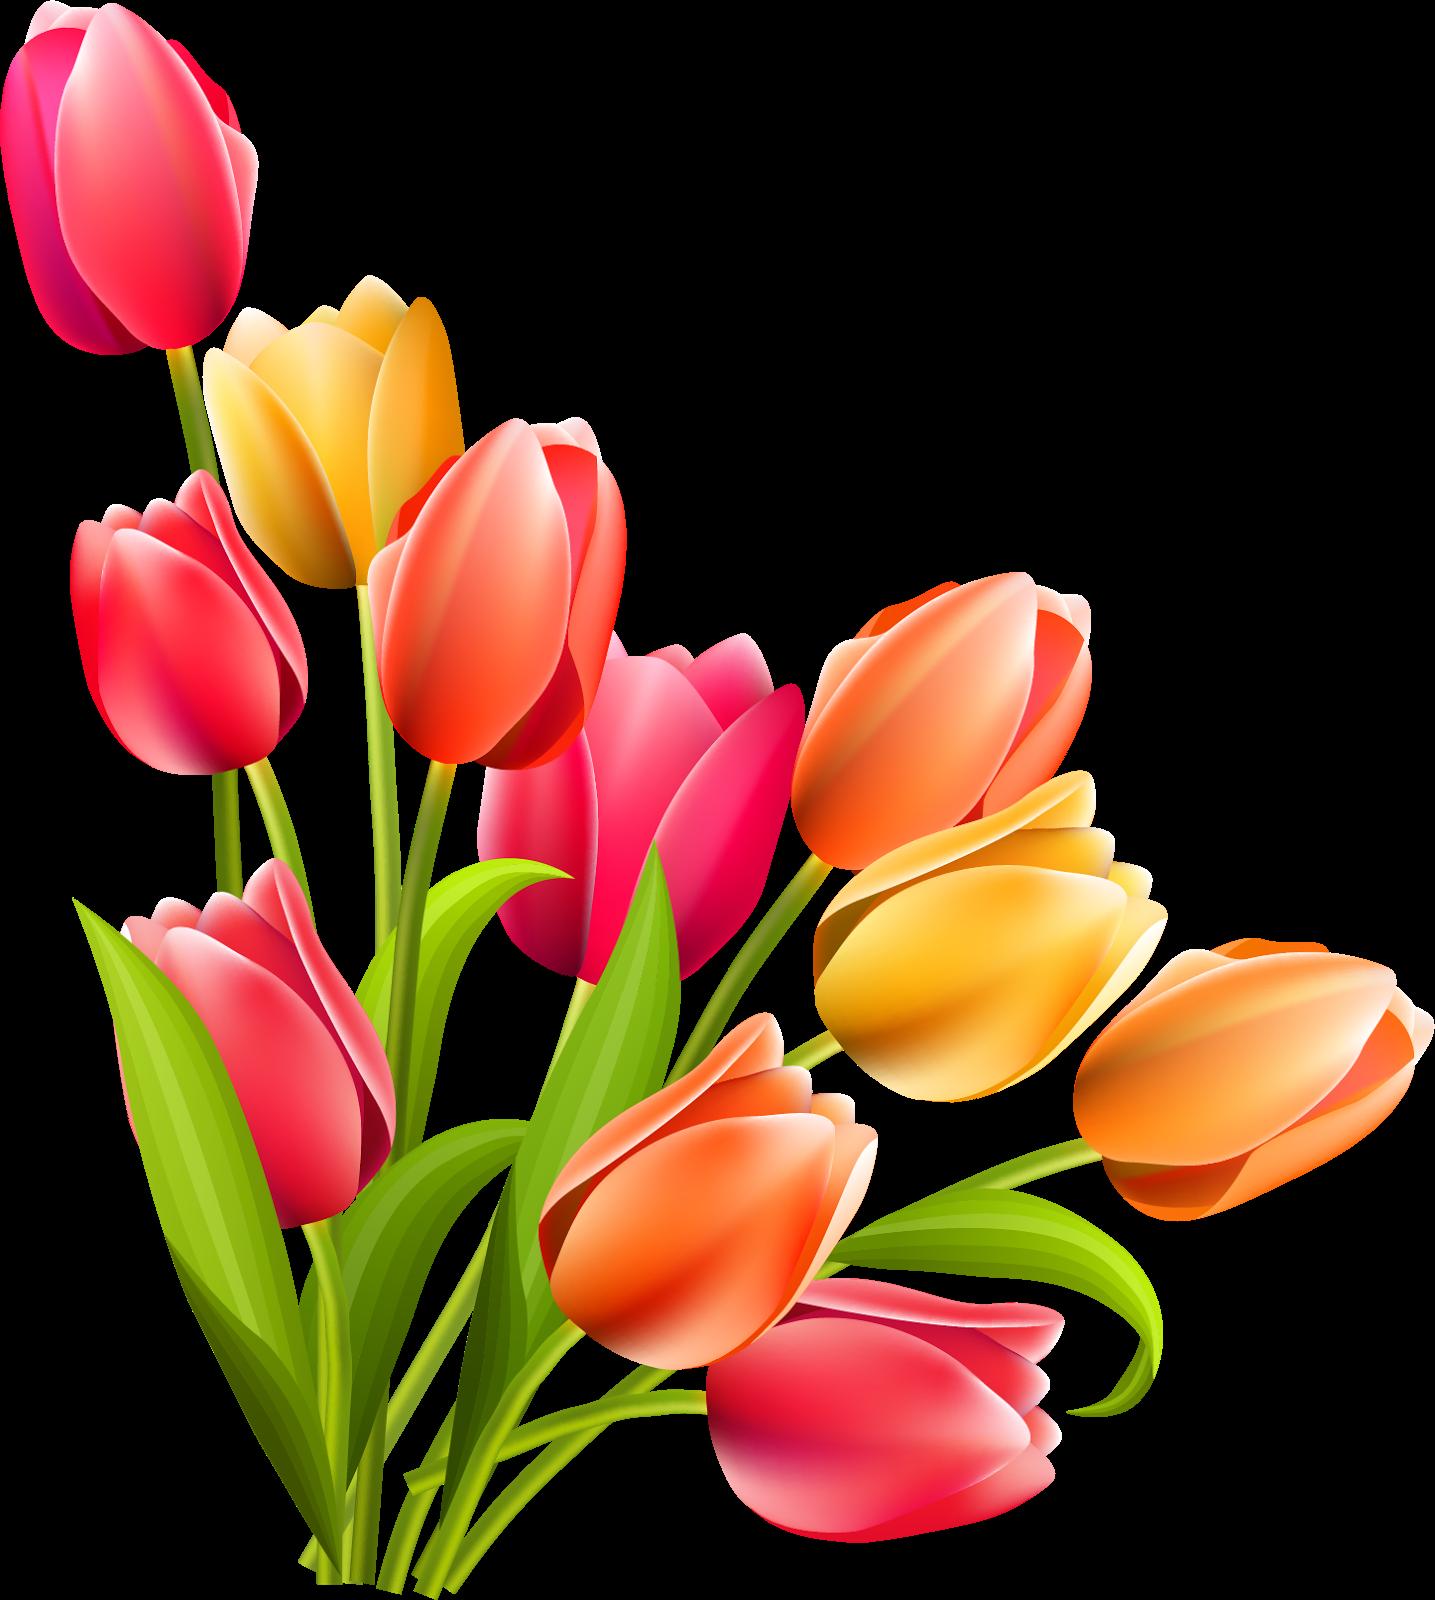 Pin Oleh World Design Di 6666 Poster Bunga Lukisan Bunga Bunga